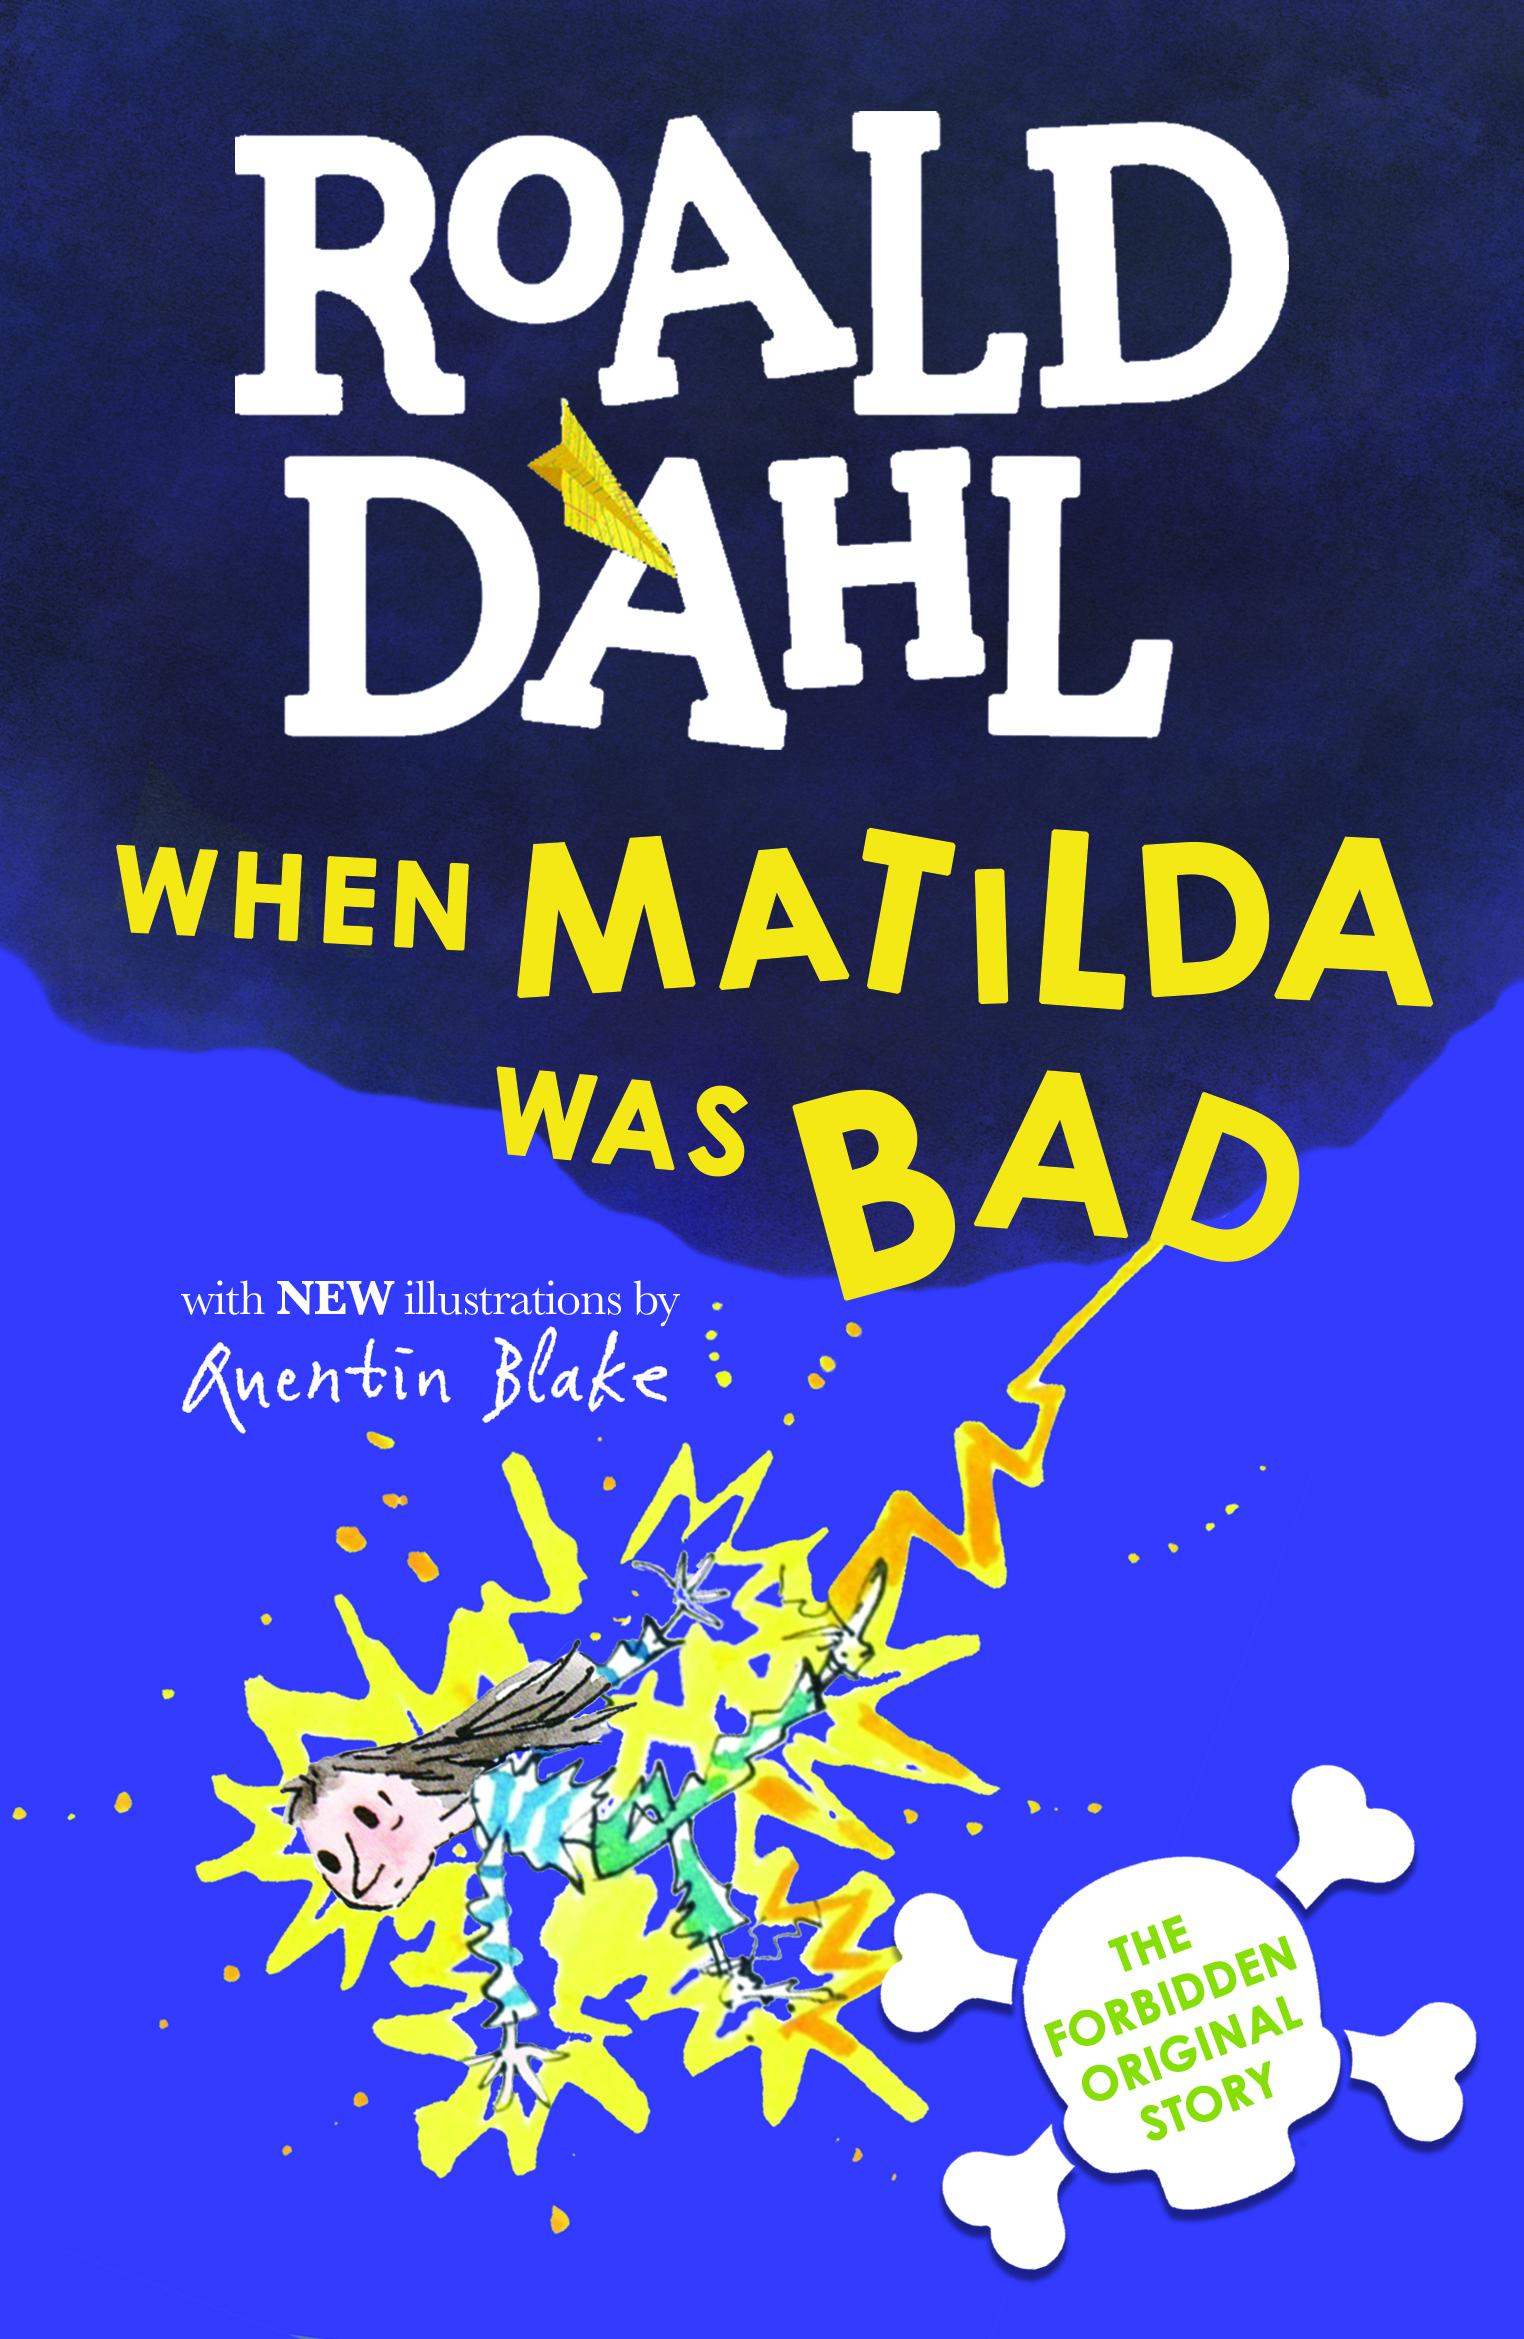 MatildaCover_Final.jpg